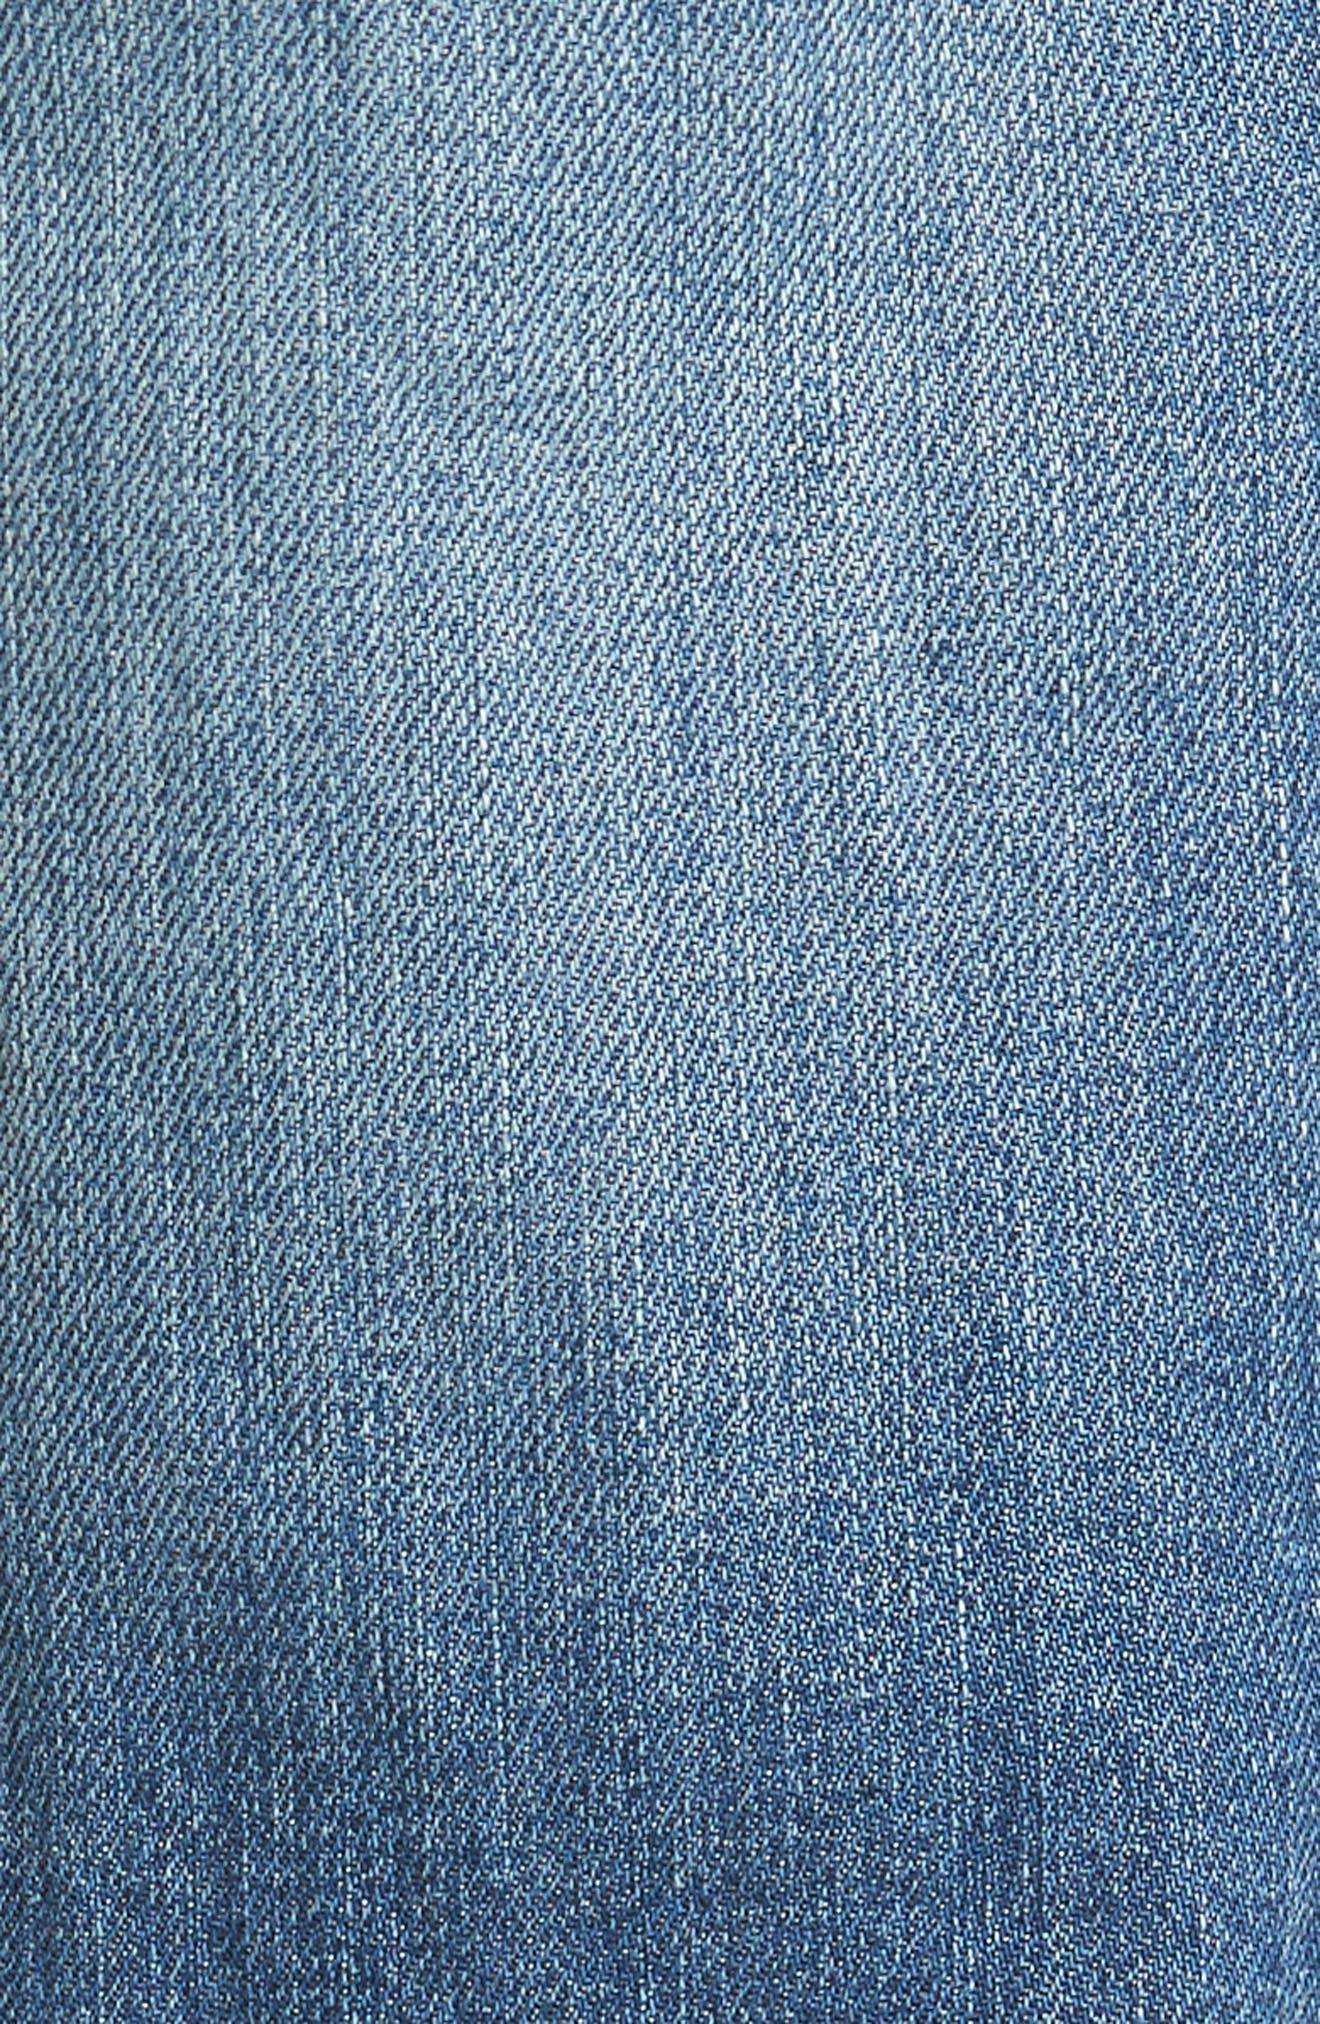 Denim Slim Straight Leg Jeans,                             Alternate thumbnail 5, color,                             Light Blue